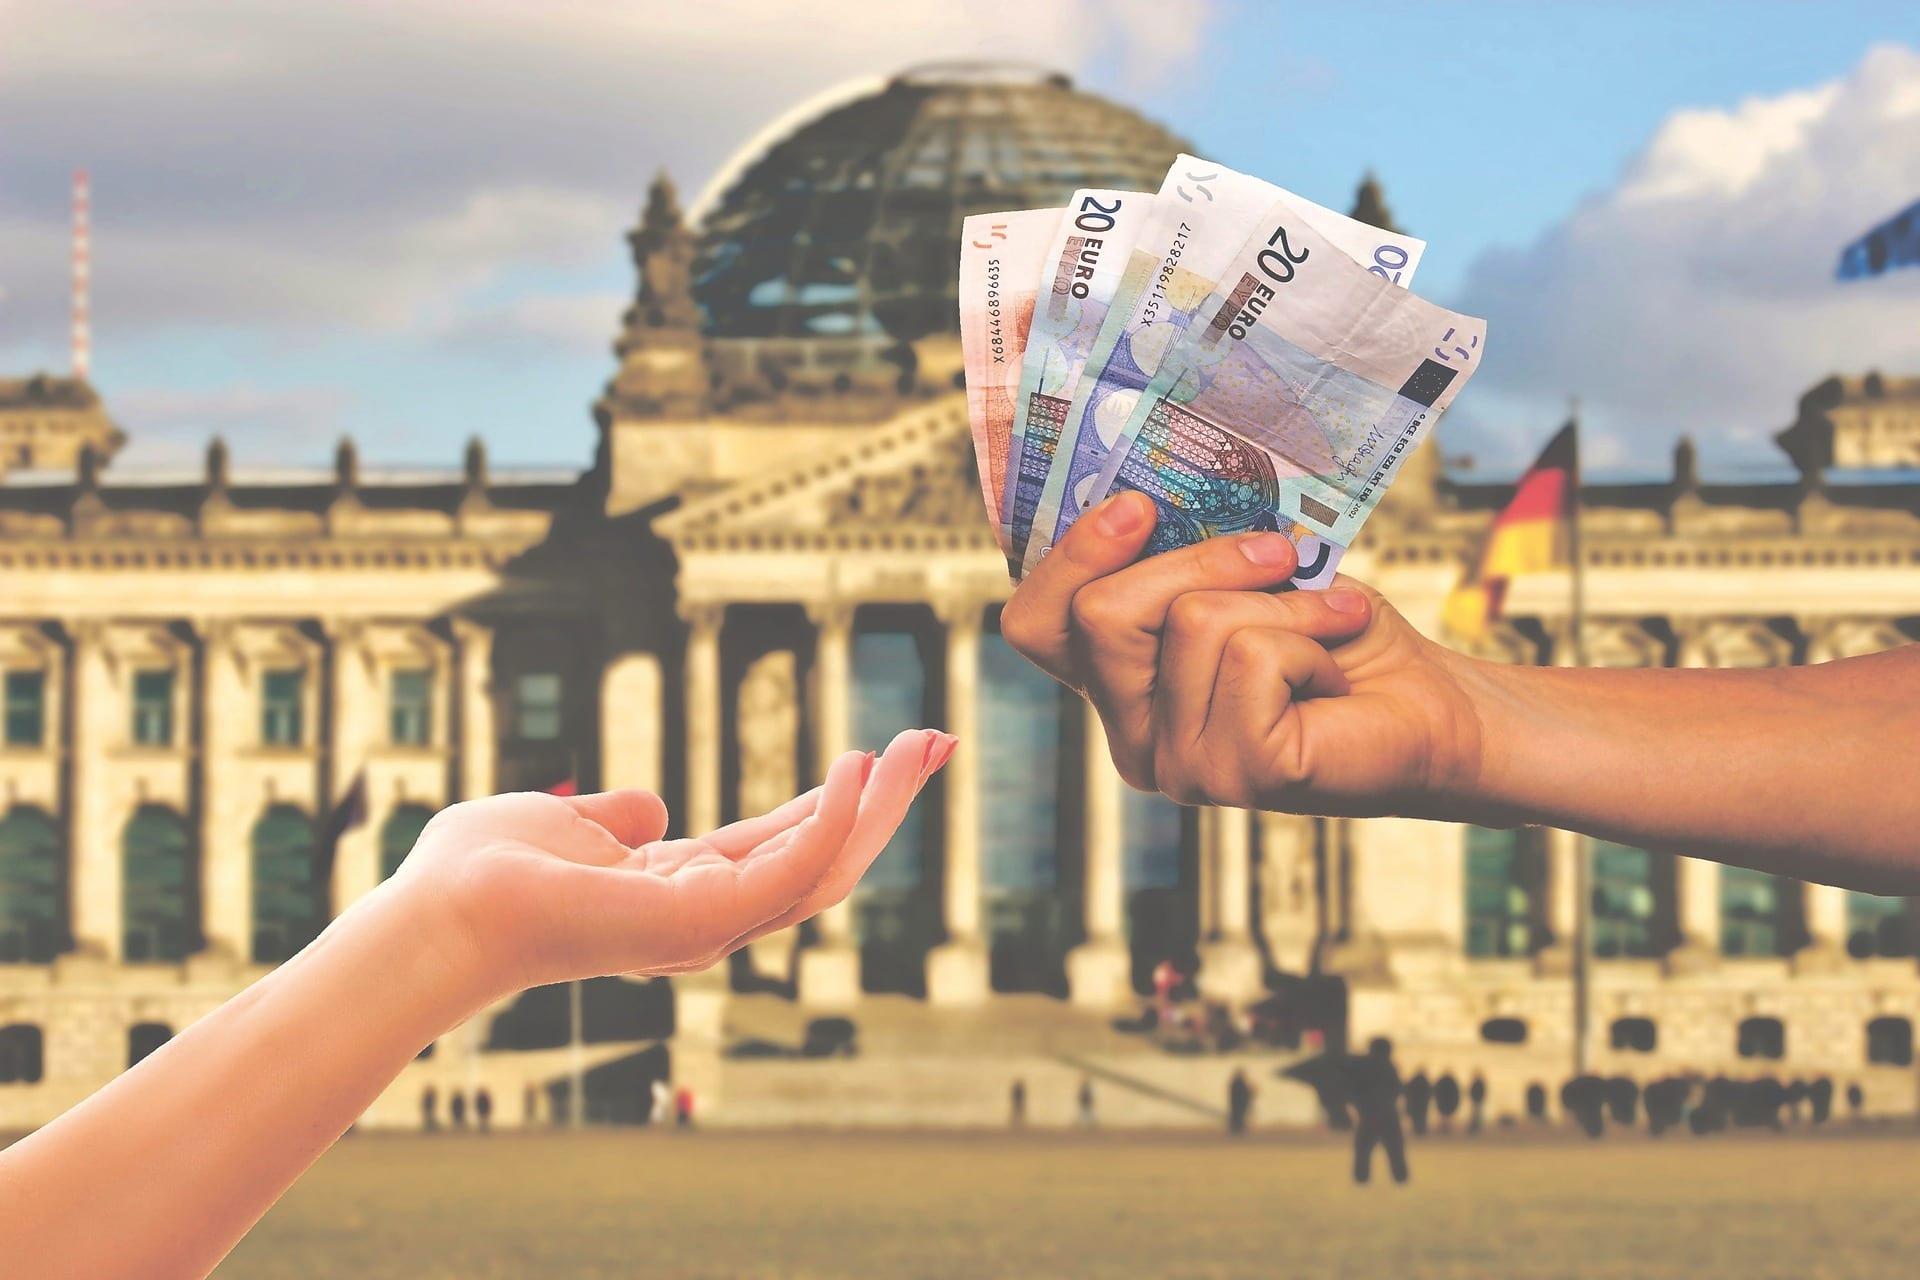 Ponad 5 mln zł dofinansowania unijnego dla naszych klientów naprojekty turystyczne!